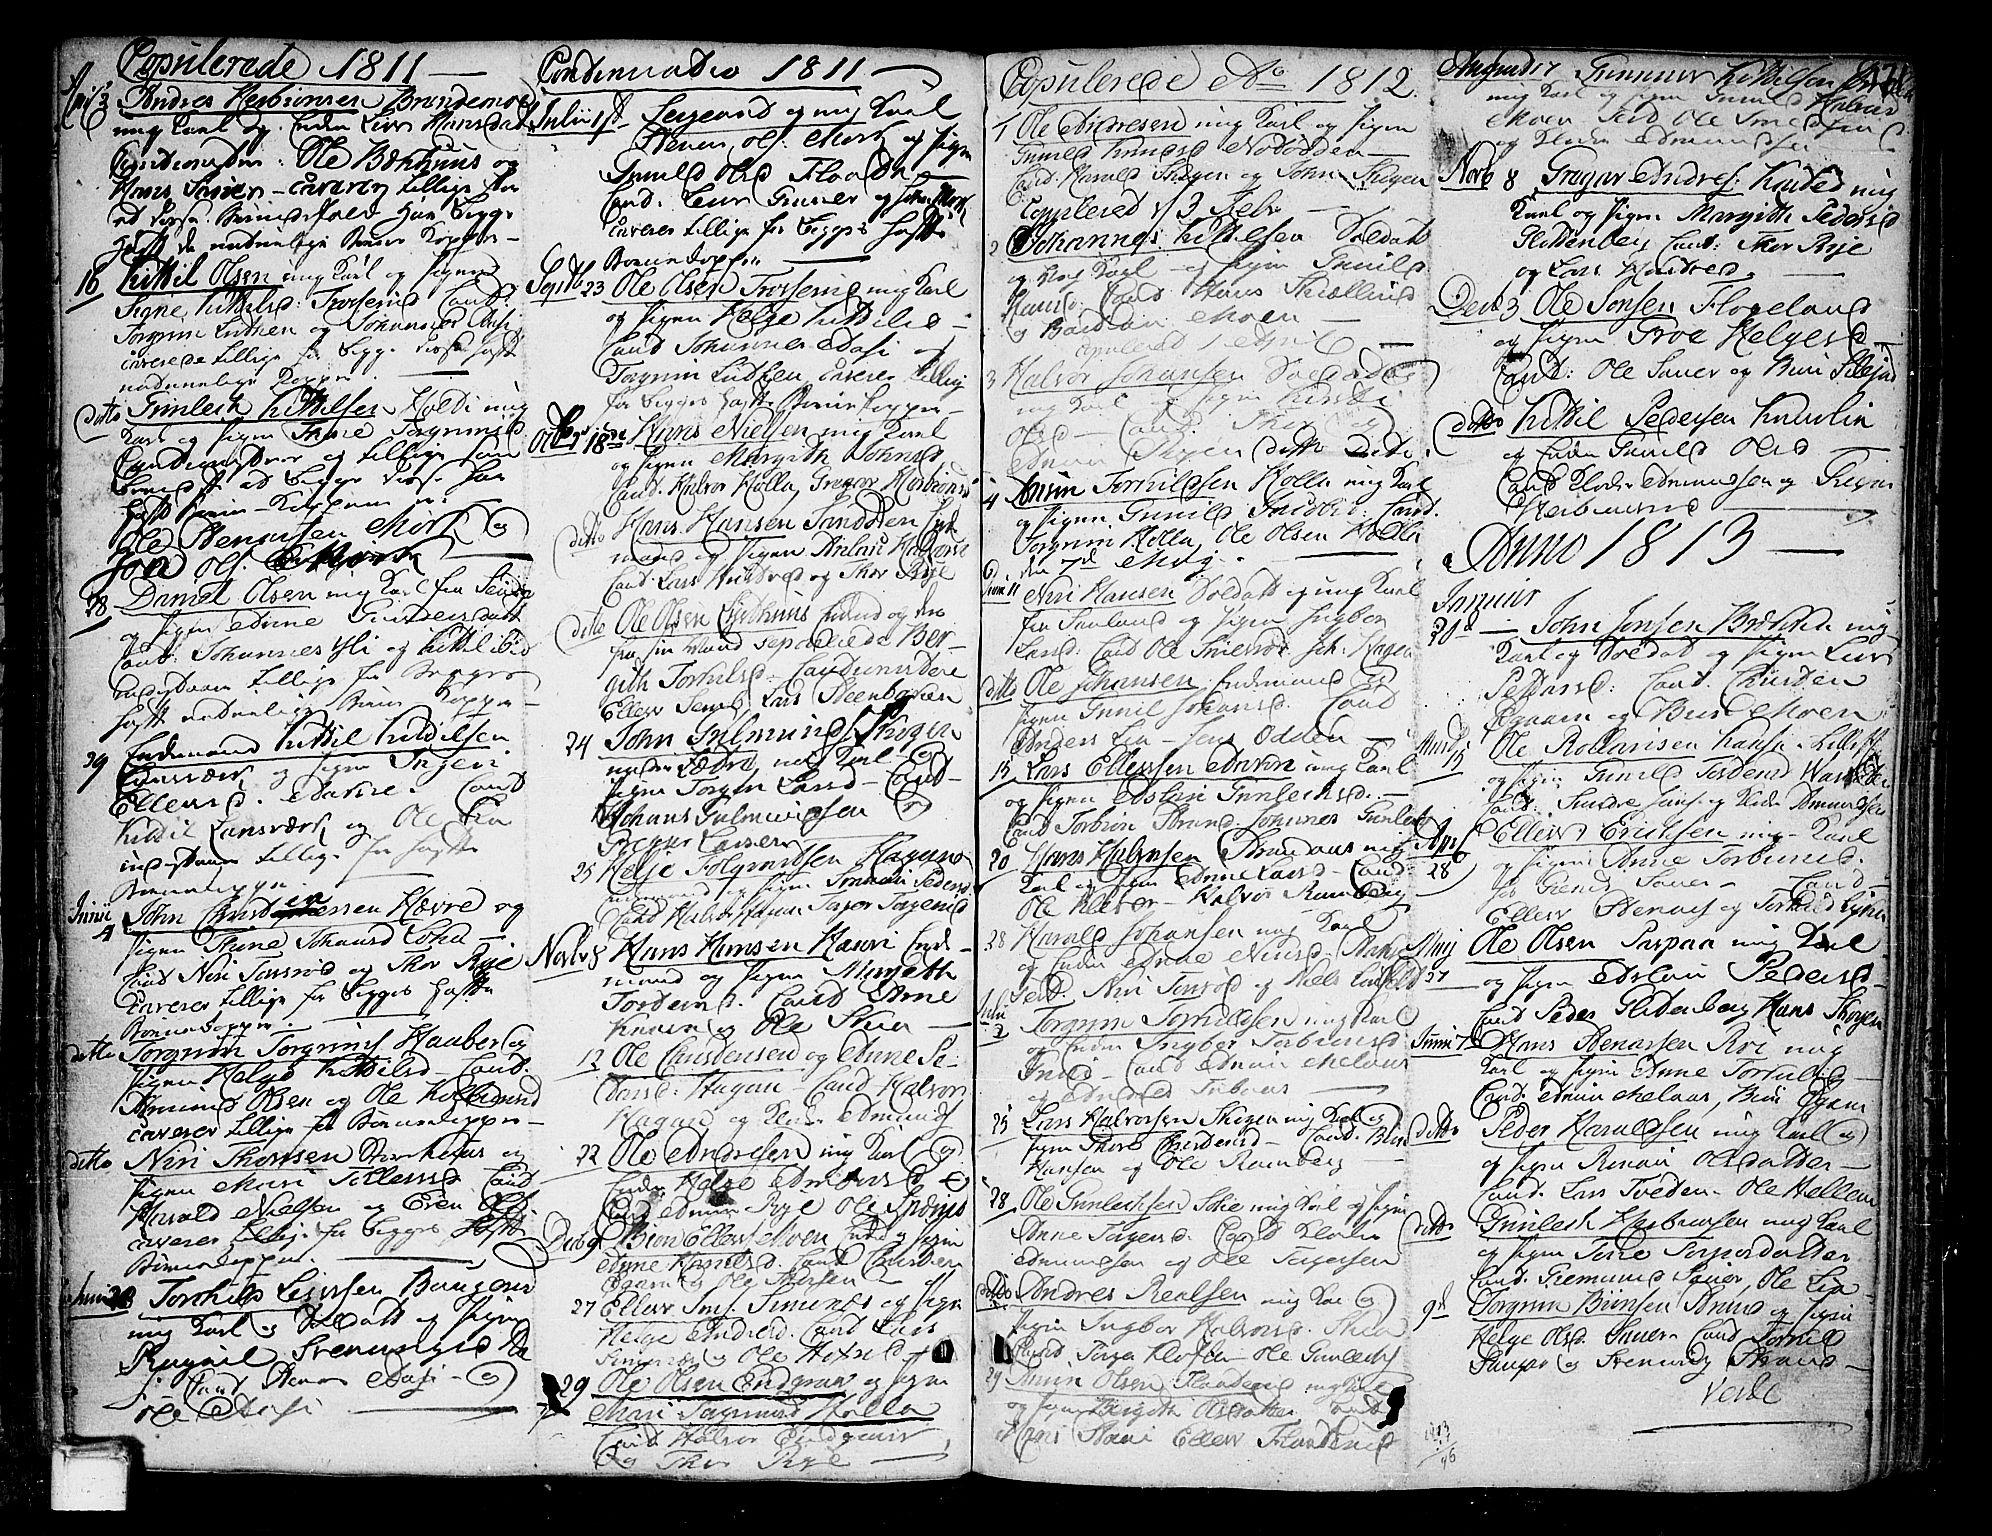 SAKO, Heddal kirkebøker, F/Fa/L0004: Ministerialbok nr. I 4, 1784-1814, s. 171